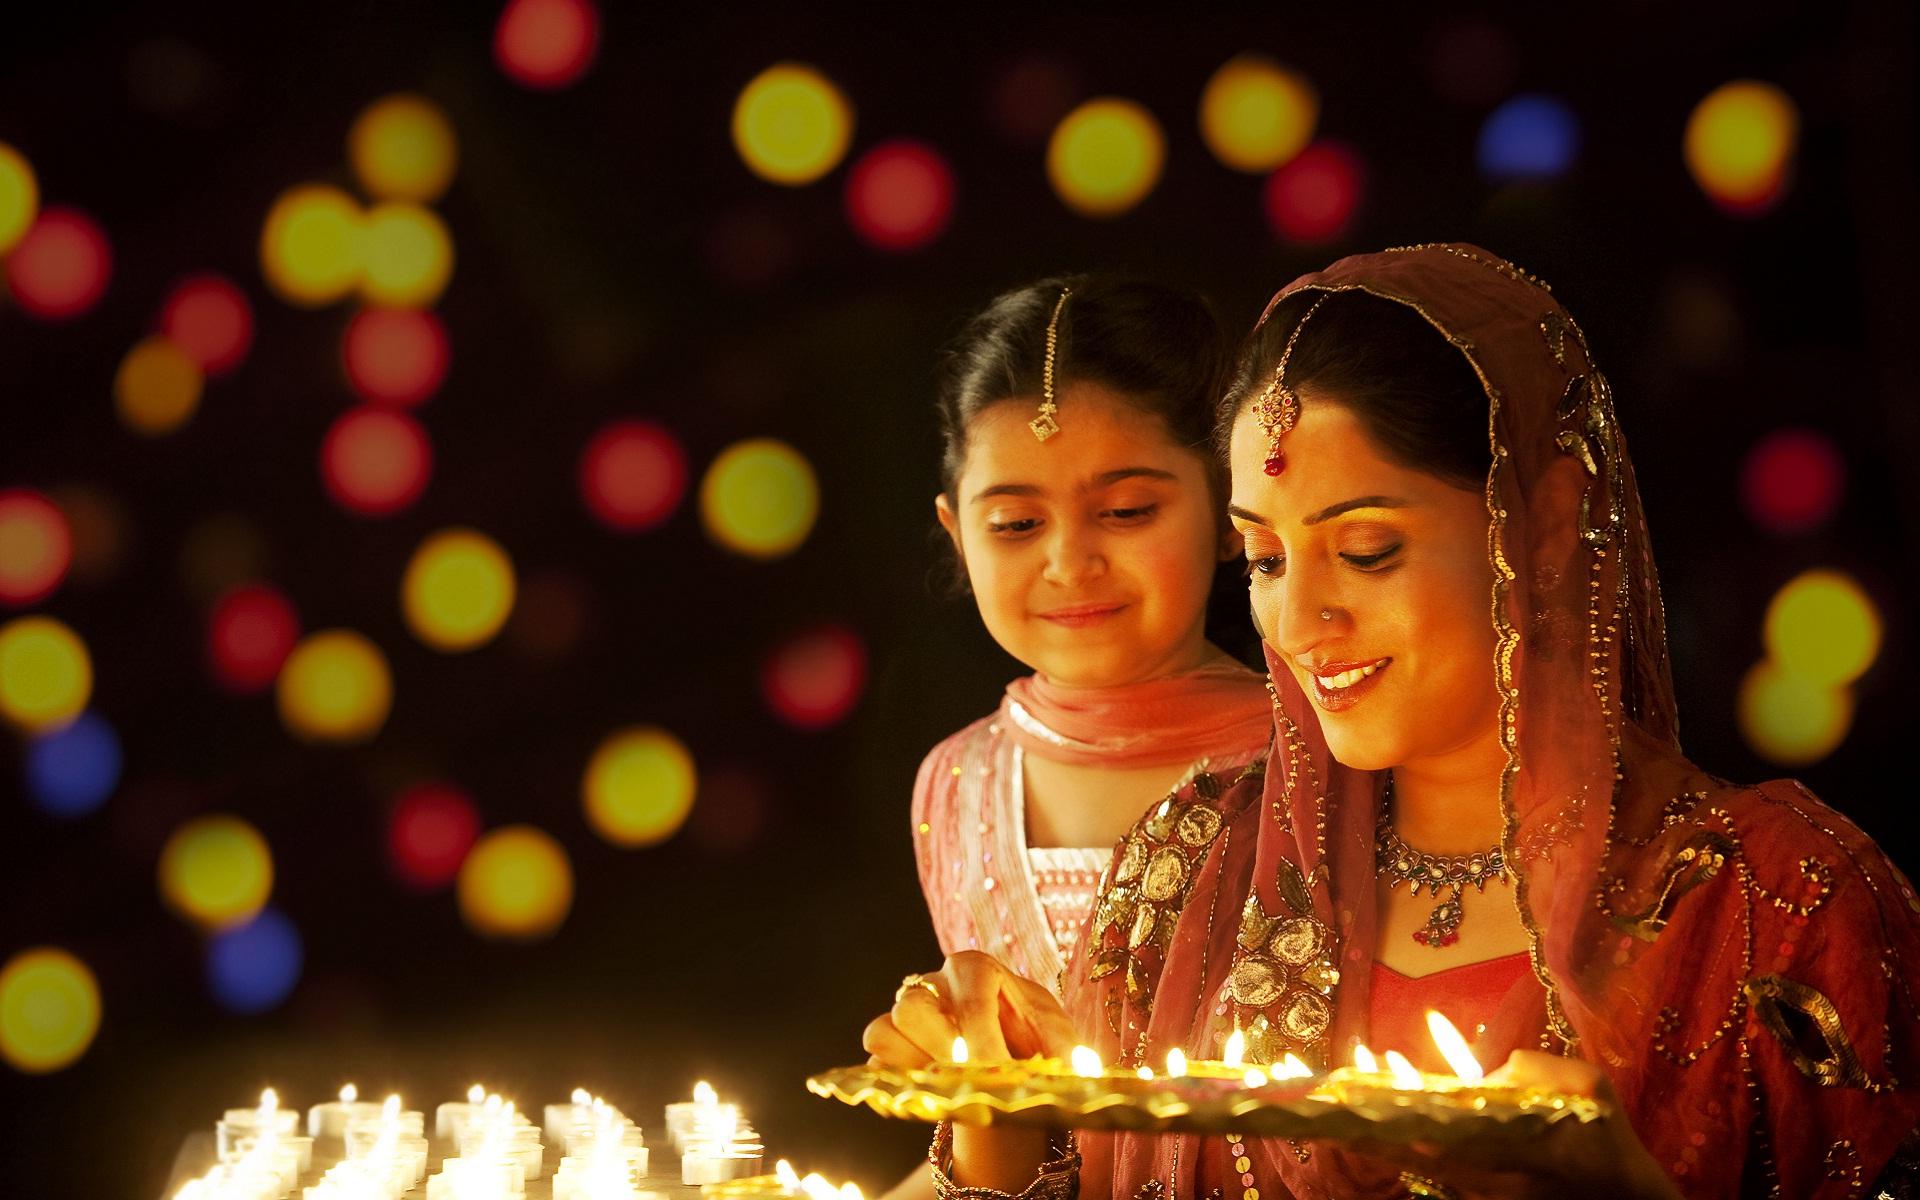 Фестиваль Дипавали в Индии